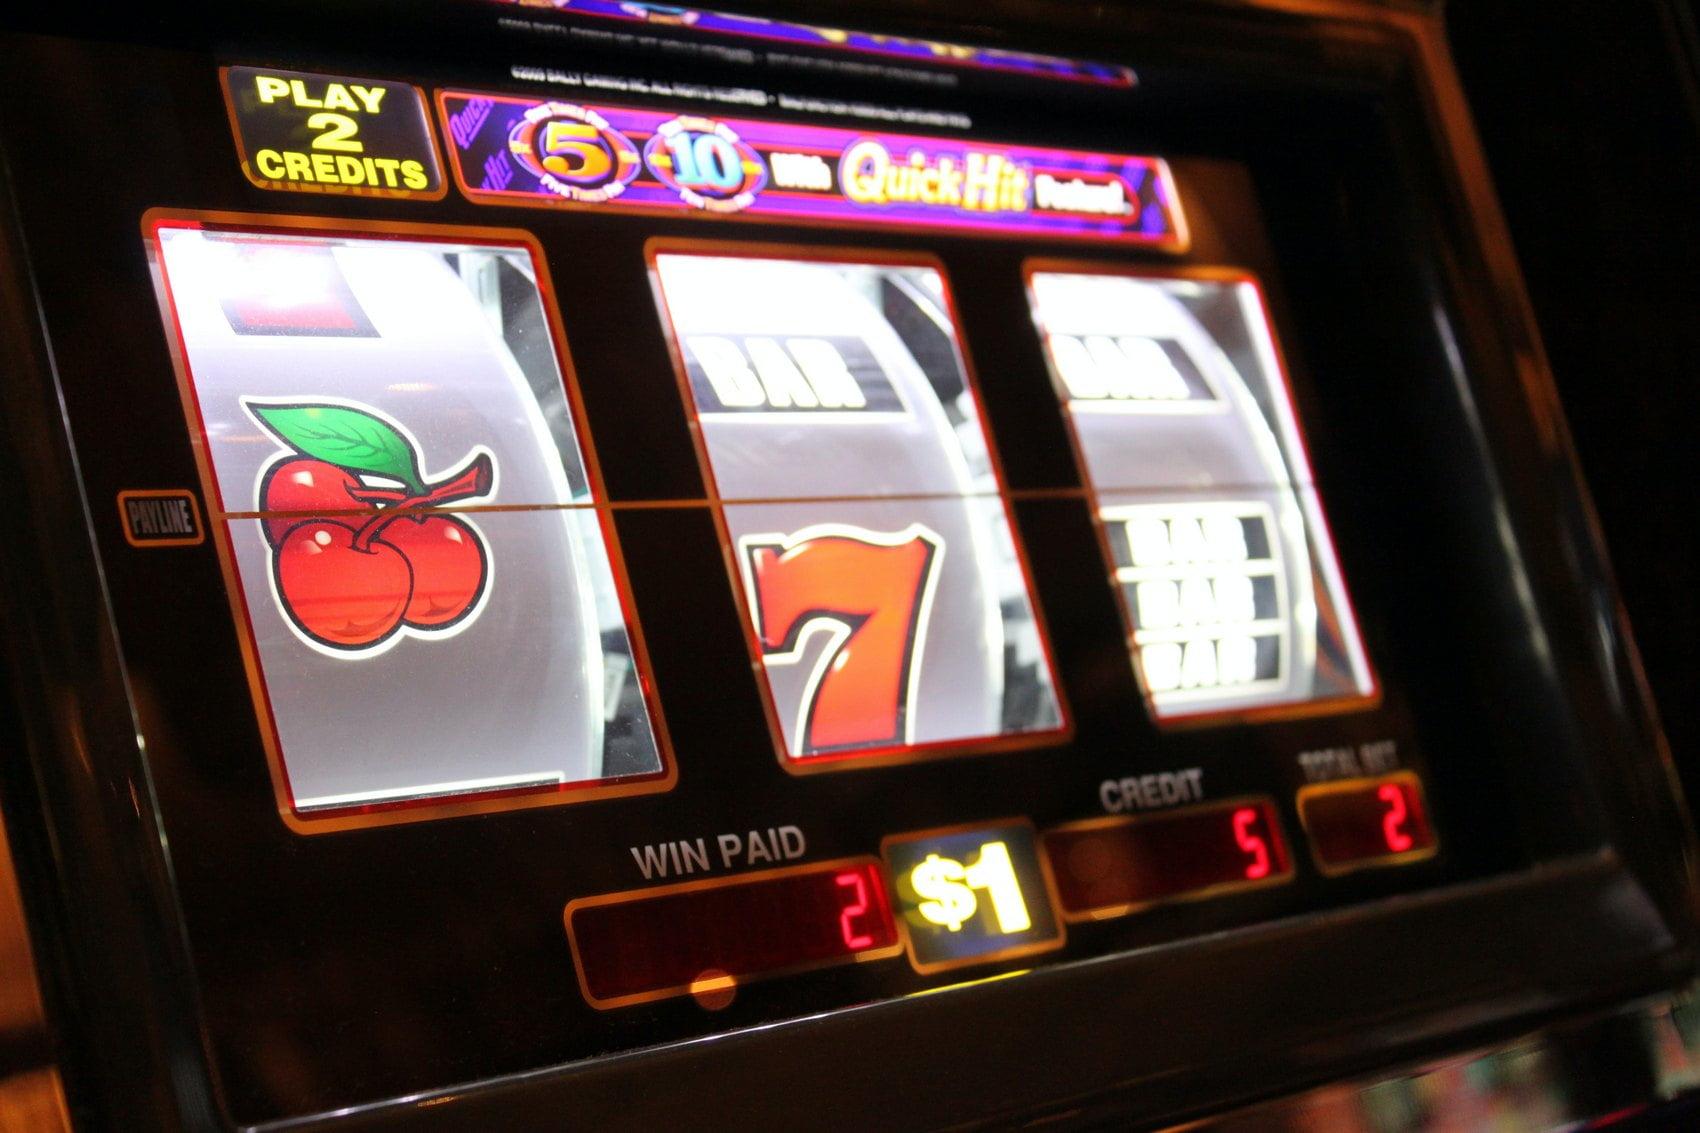 オンラインカジノで初回ウェルカムボーナスを貰おう!